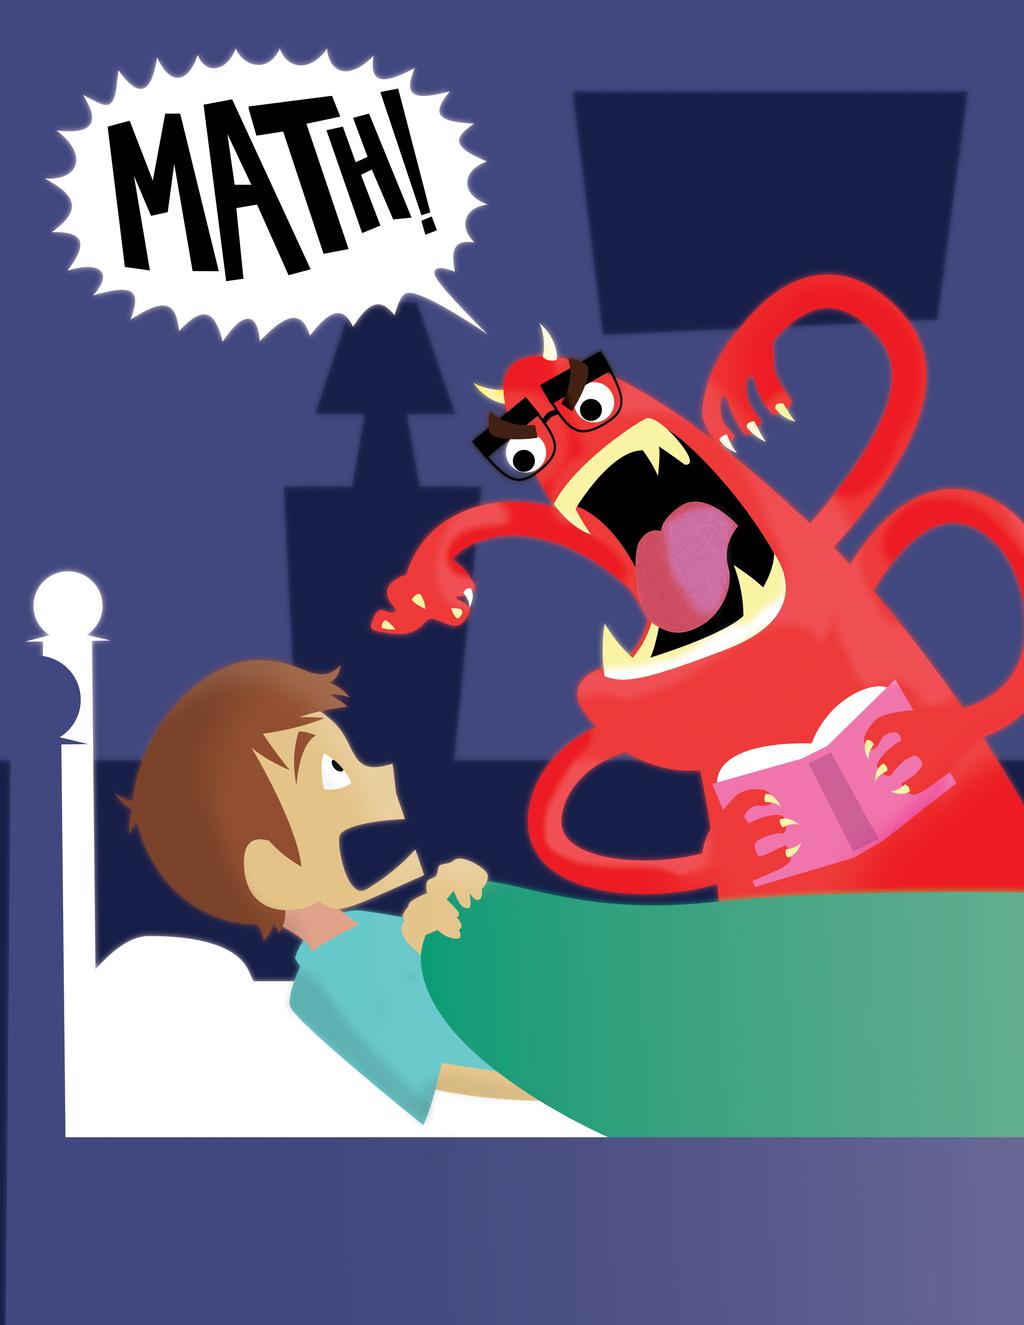 Mathew: The math monster by Zalogon